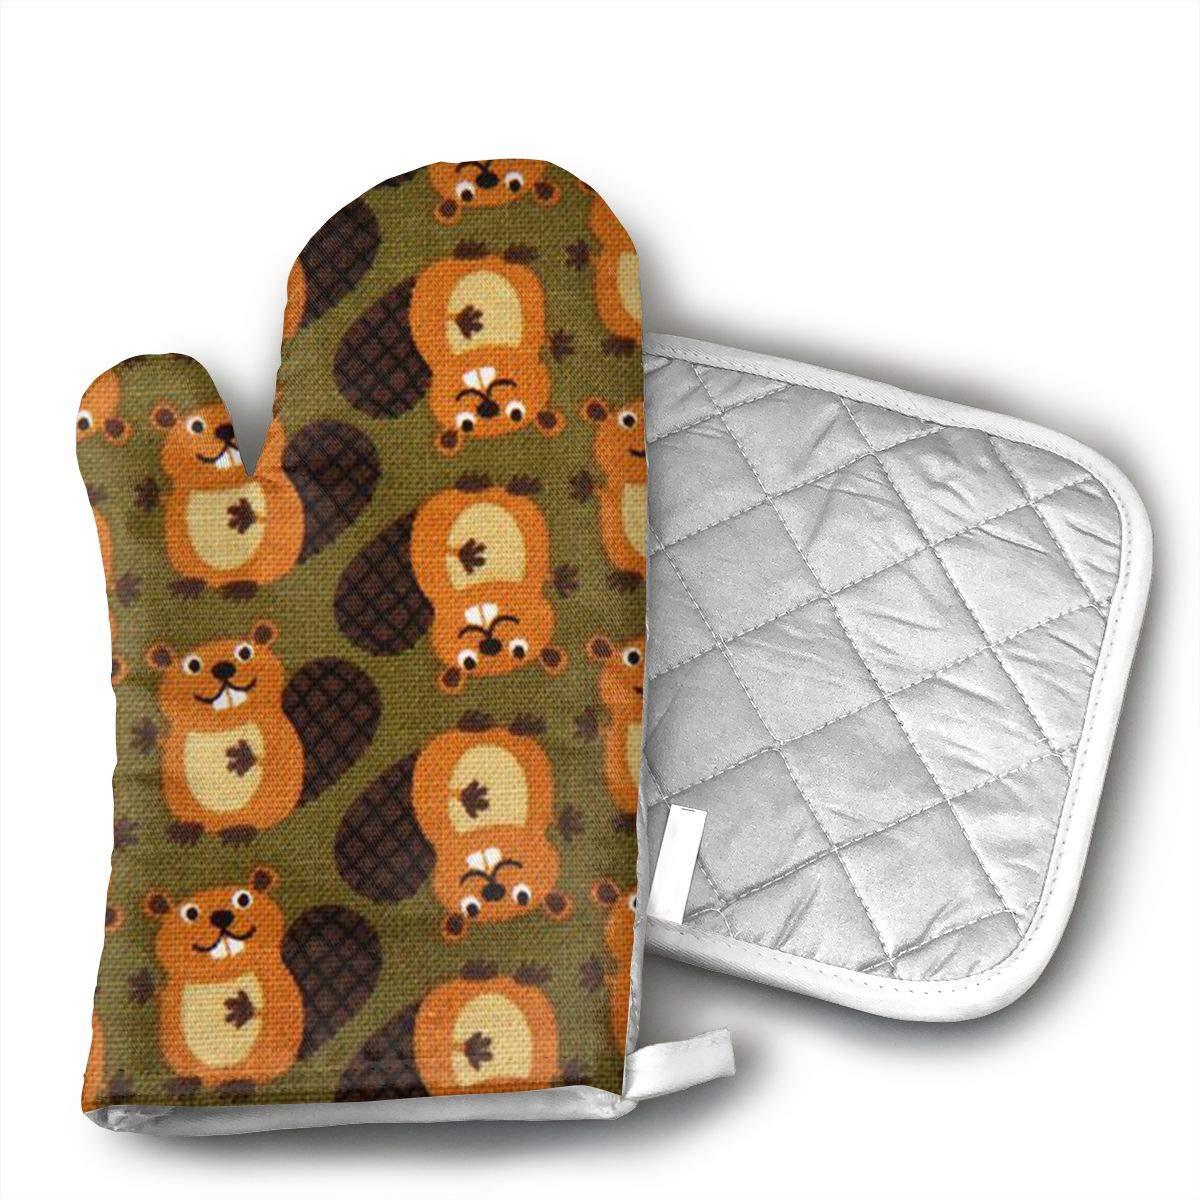 Klnsha7 Beaver.JPG Oven Hot Mitts Professional Heat Resistant Pot Holder & Baking Gloves